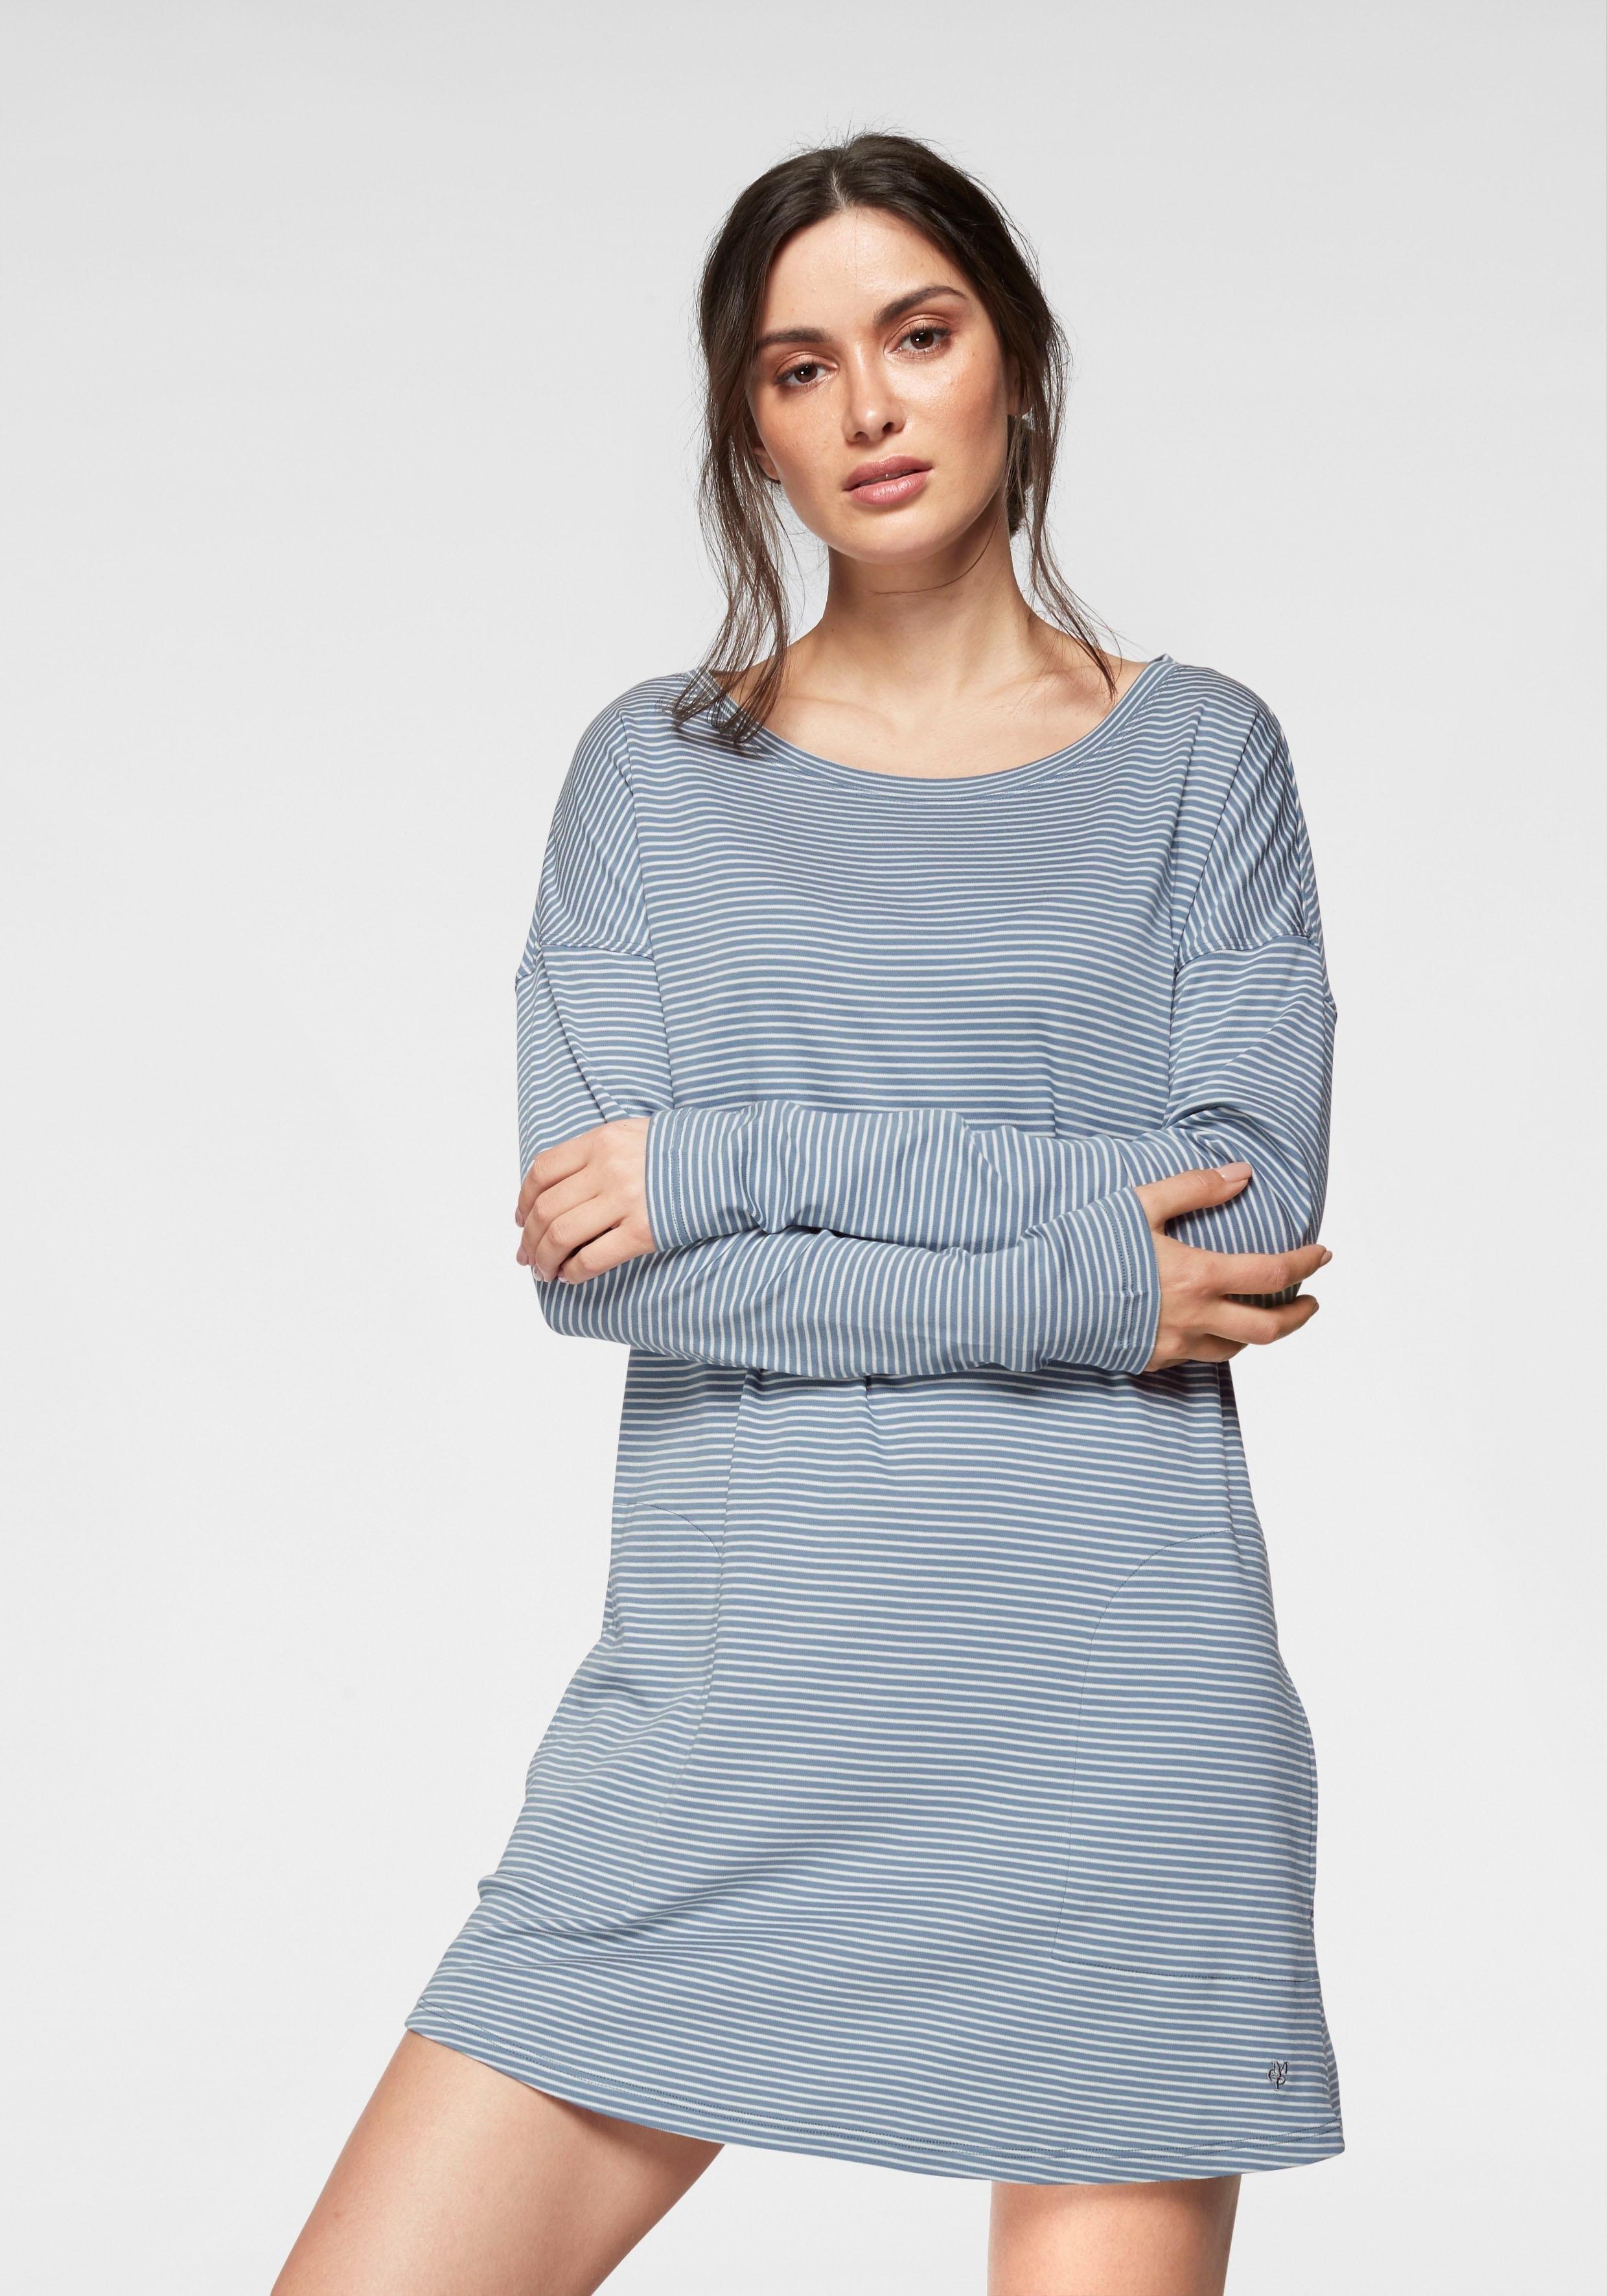 Marc O'Polo nachthemd met steekzakken en verlaagde schoudernaden bij Lascana online kopen